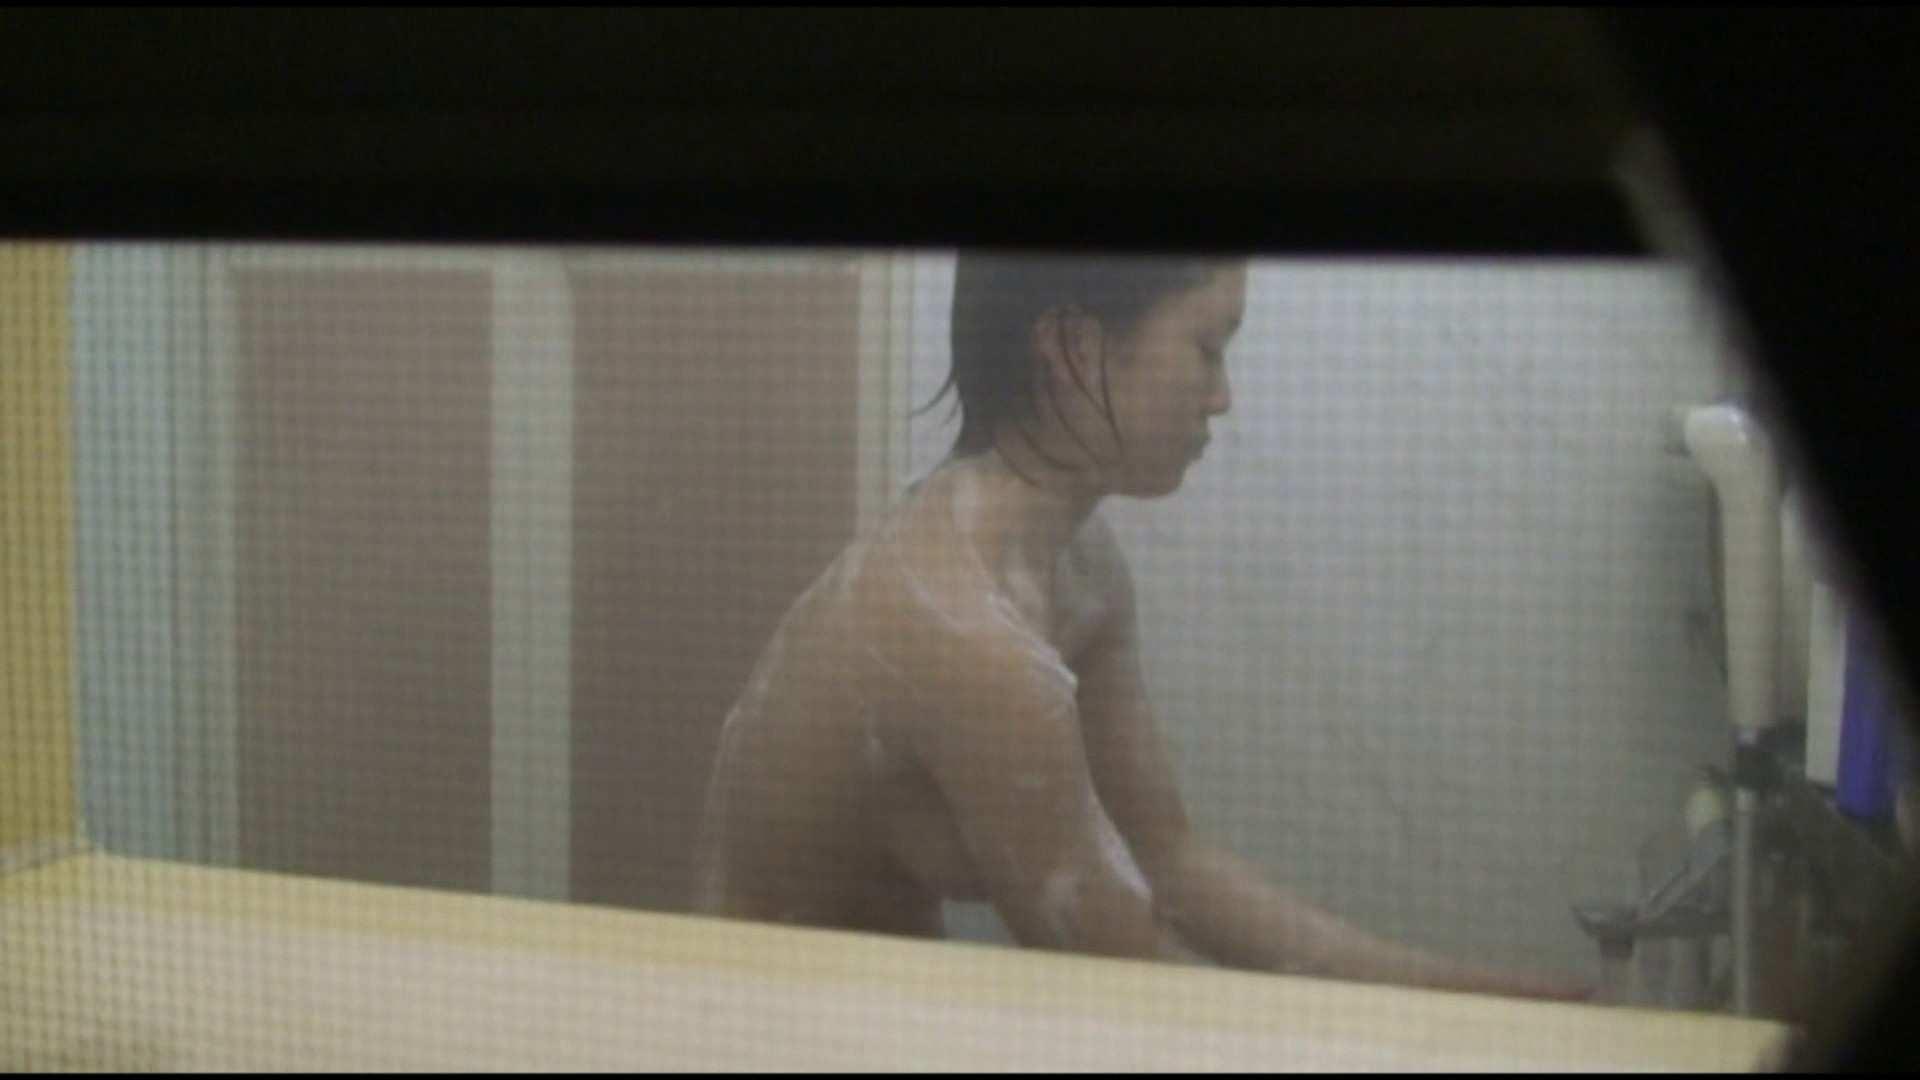 vol.04巨乳美人のおっぱいがプルルンッと弾けてます!風呂上りも必見 盗撮で悶絶 おまんこ無修正動画無料 78画像 75